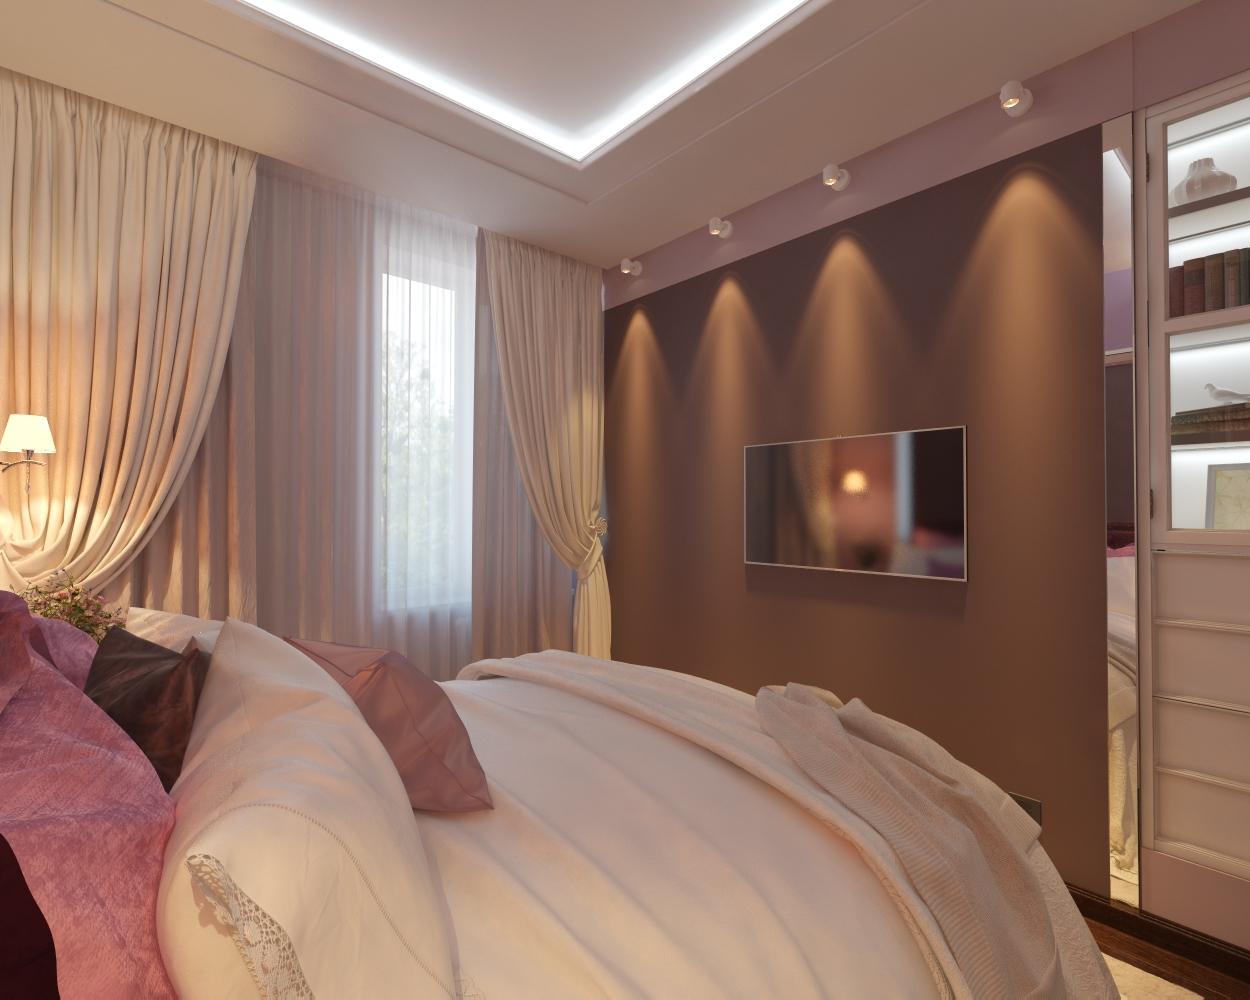 Dizajn-spalni-1111-kv-m-v-klassicheskom-stile-3